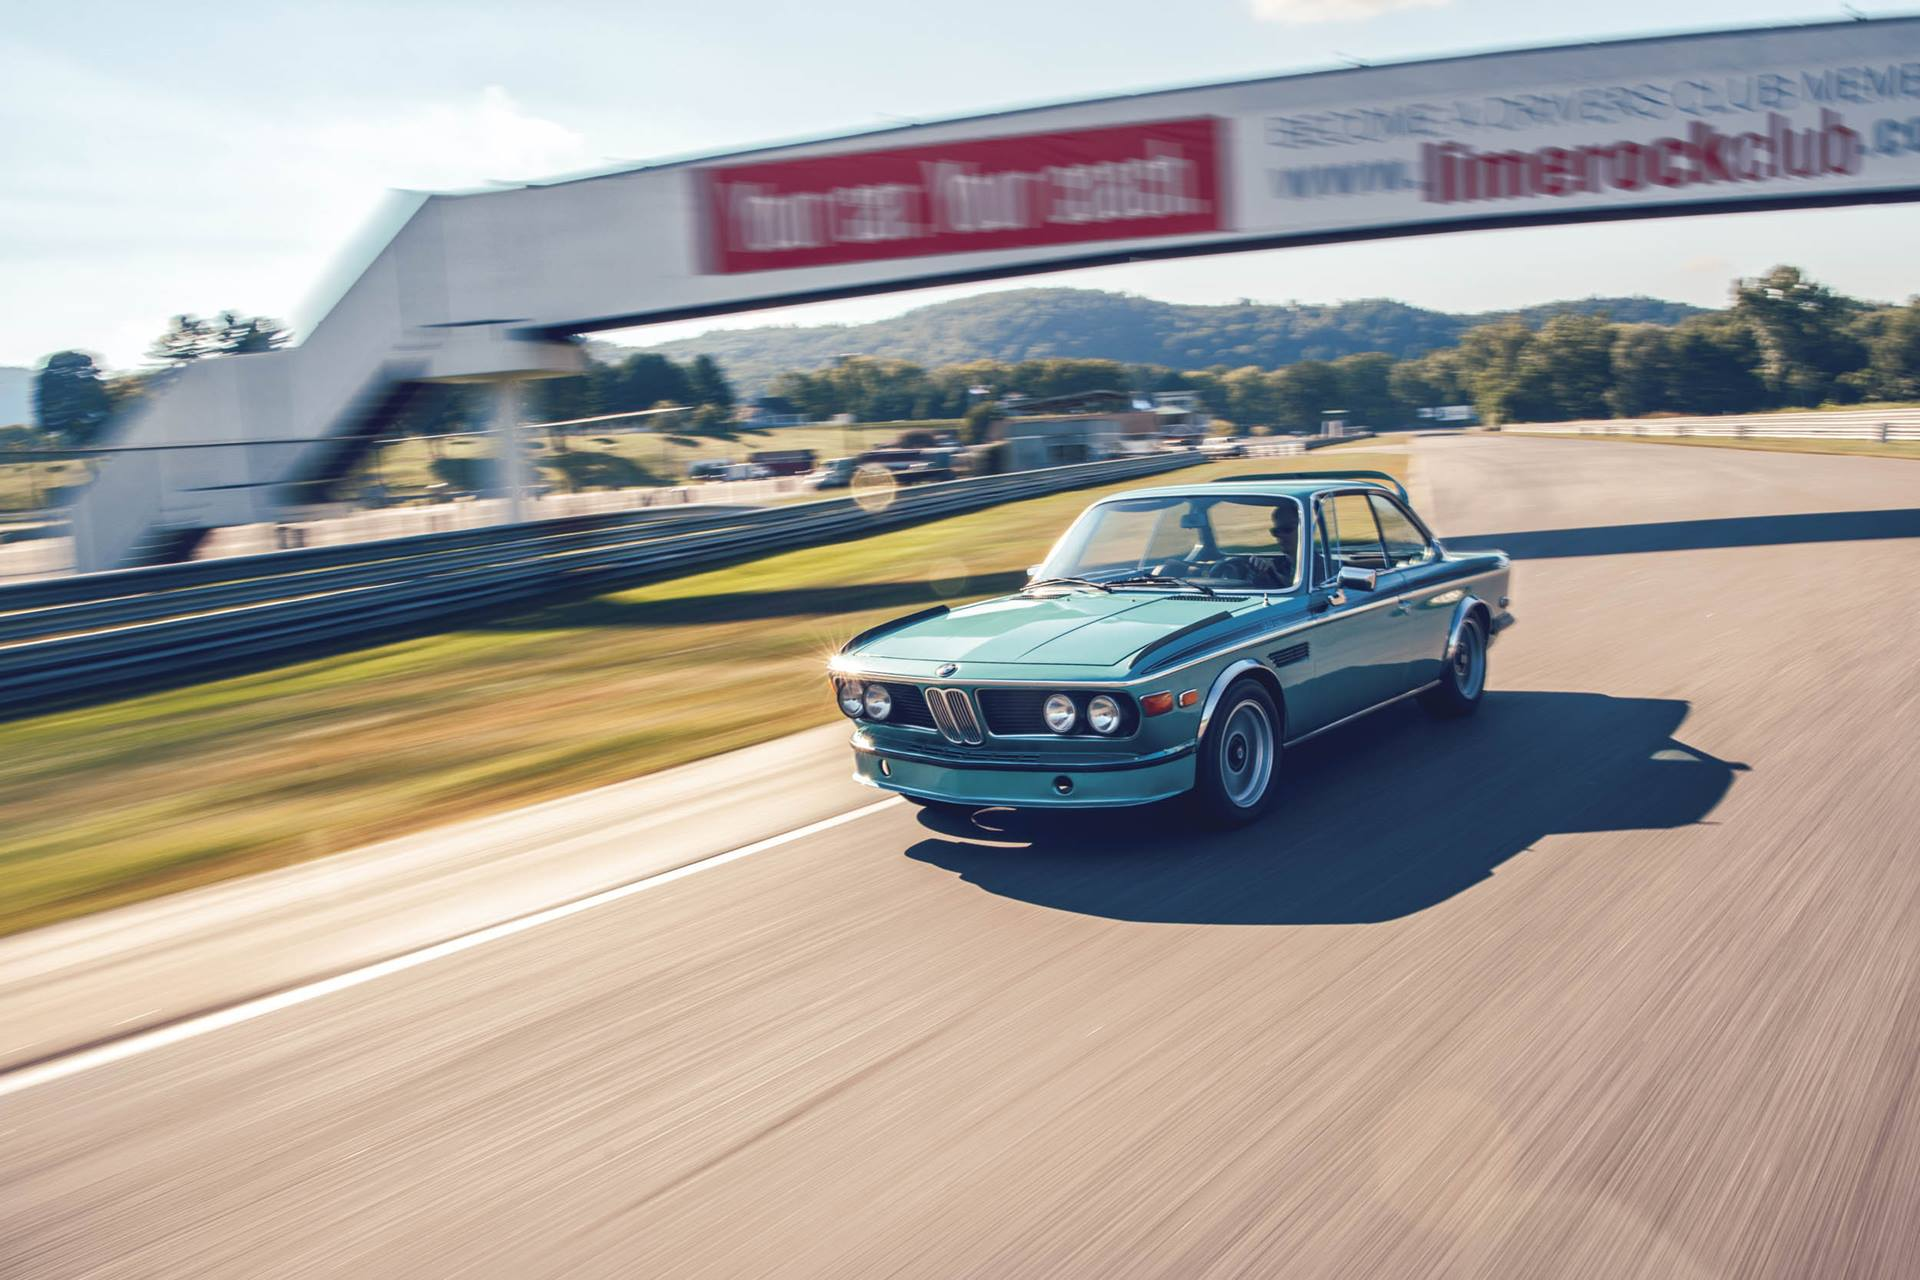 DW Burnett 1973 BMW 3.0CSL